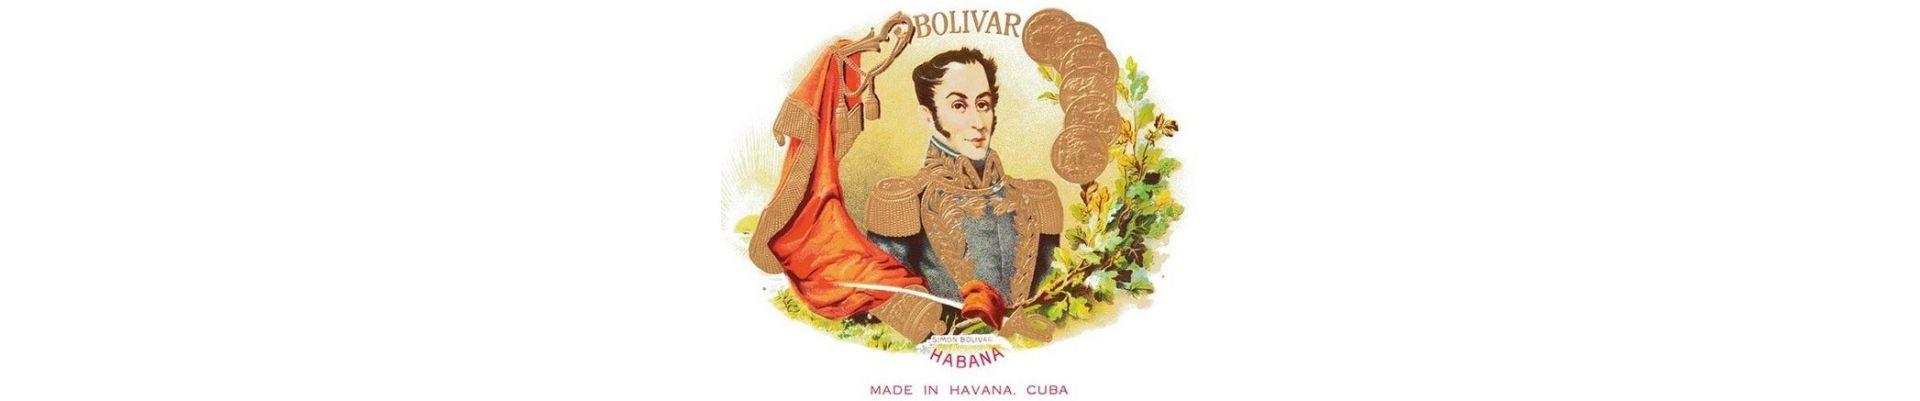 Trabucuri cubaneze Bolivar magazin trabucuri cubaneze bolivar.